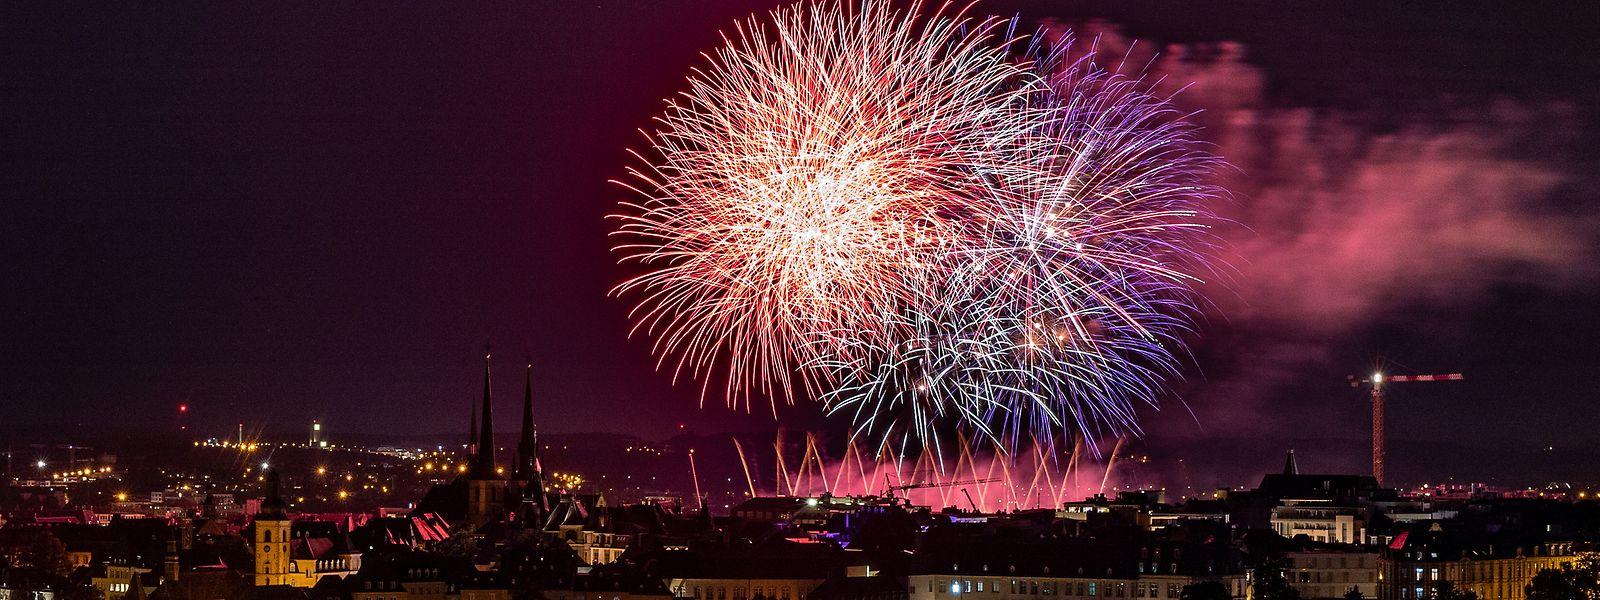 Traditionell gehört hierzulande ein Feuerwerk zu Silvester. Das wird in diesem Jahr pandemiebedingt wohl eher kleiner ausfallen.